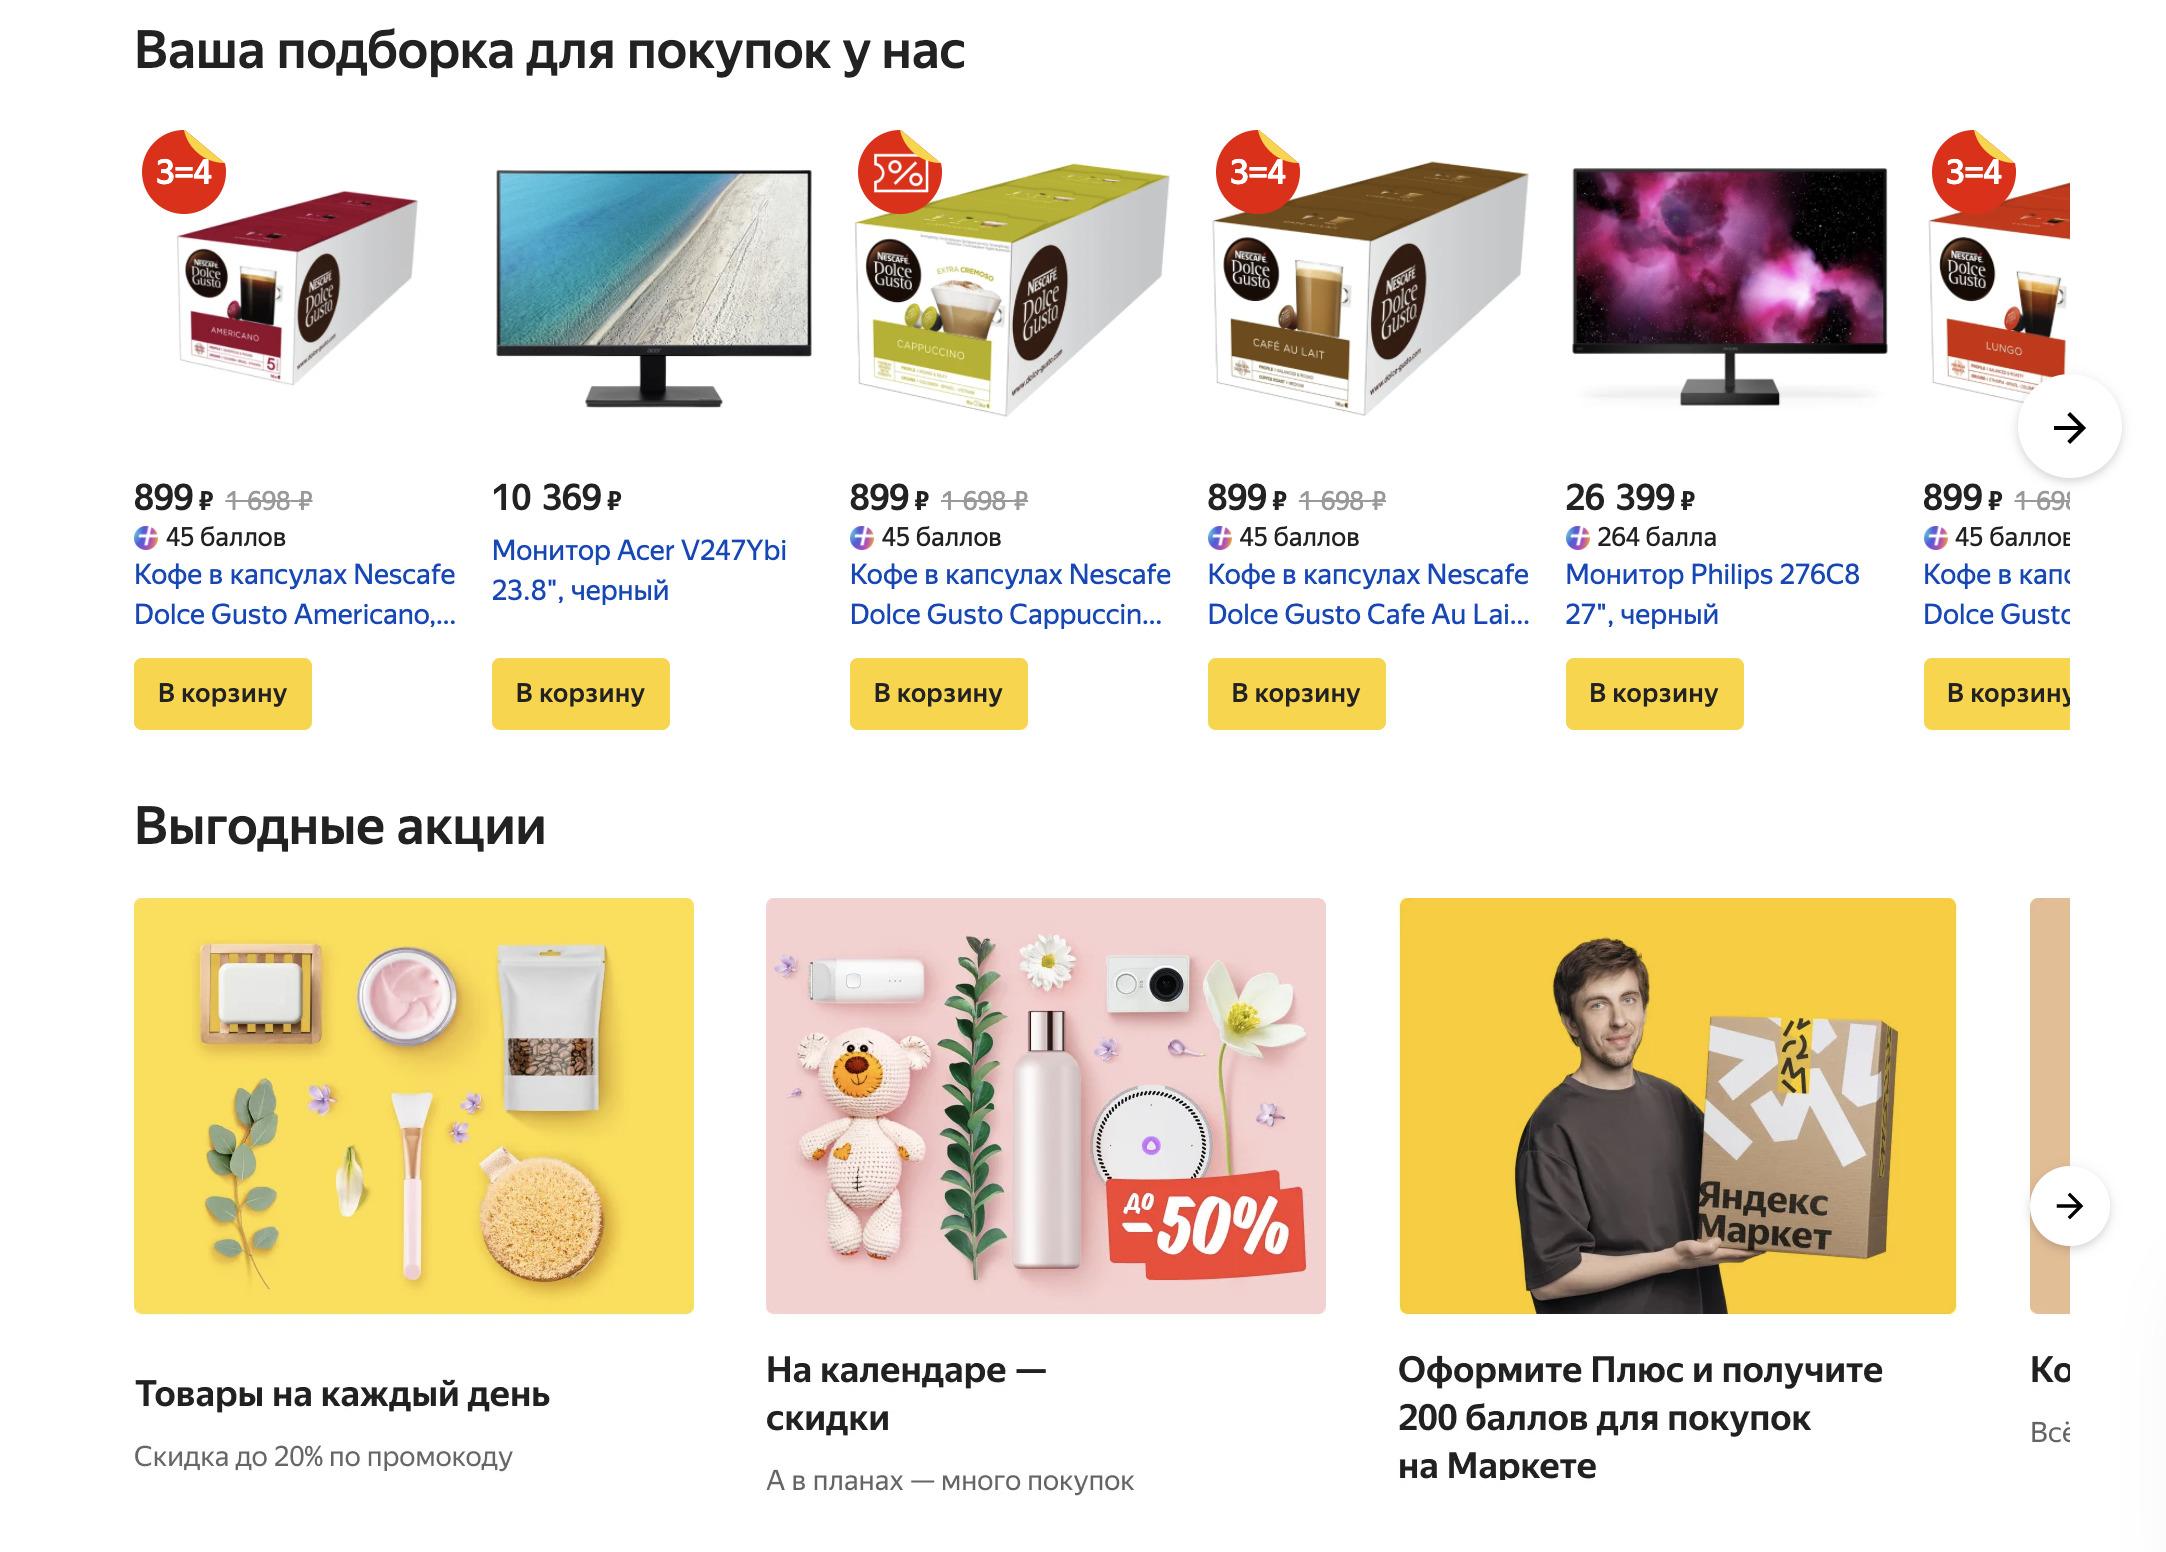 Доставка из Яндекс.Маркет в Сыктывкар, сроки, пункты выдачи, каталог